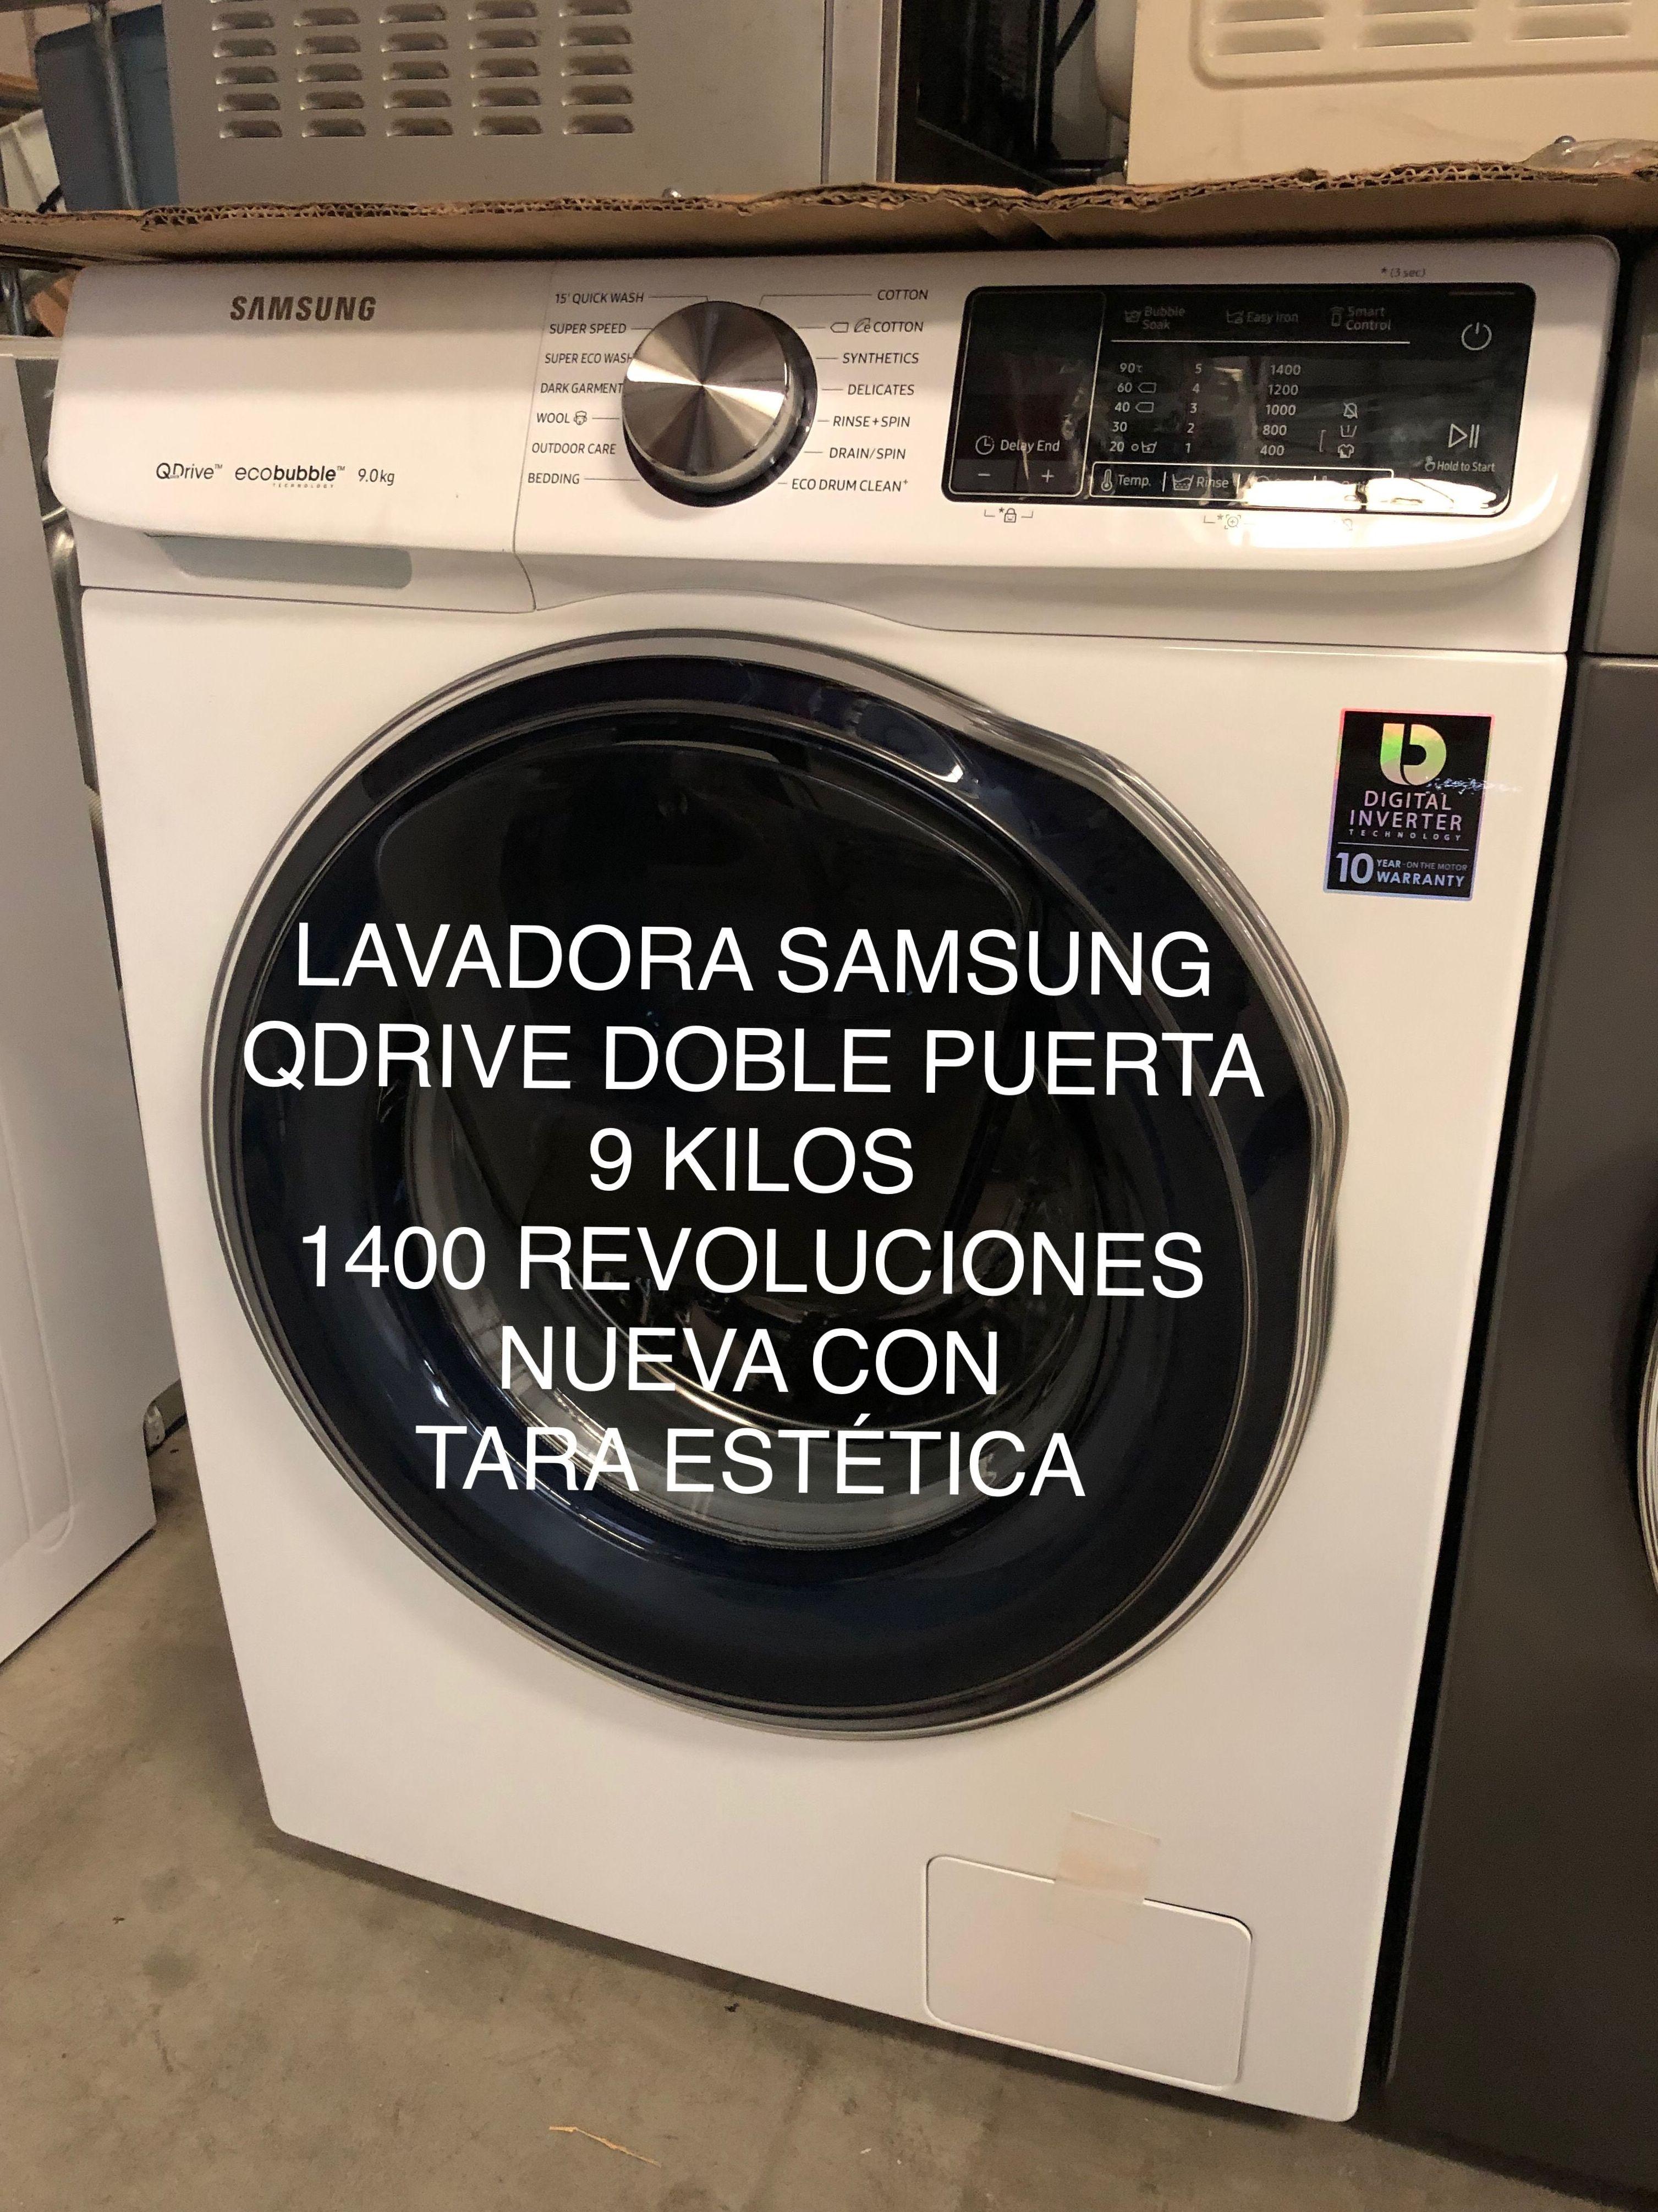 Lavadora samsung Qdrive nueva con tara estética electrodomésticos con tara en leganes